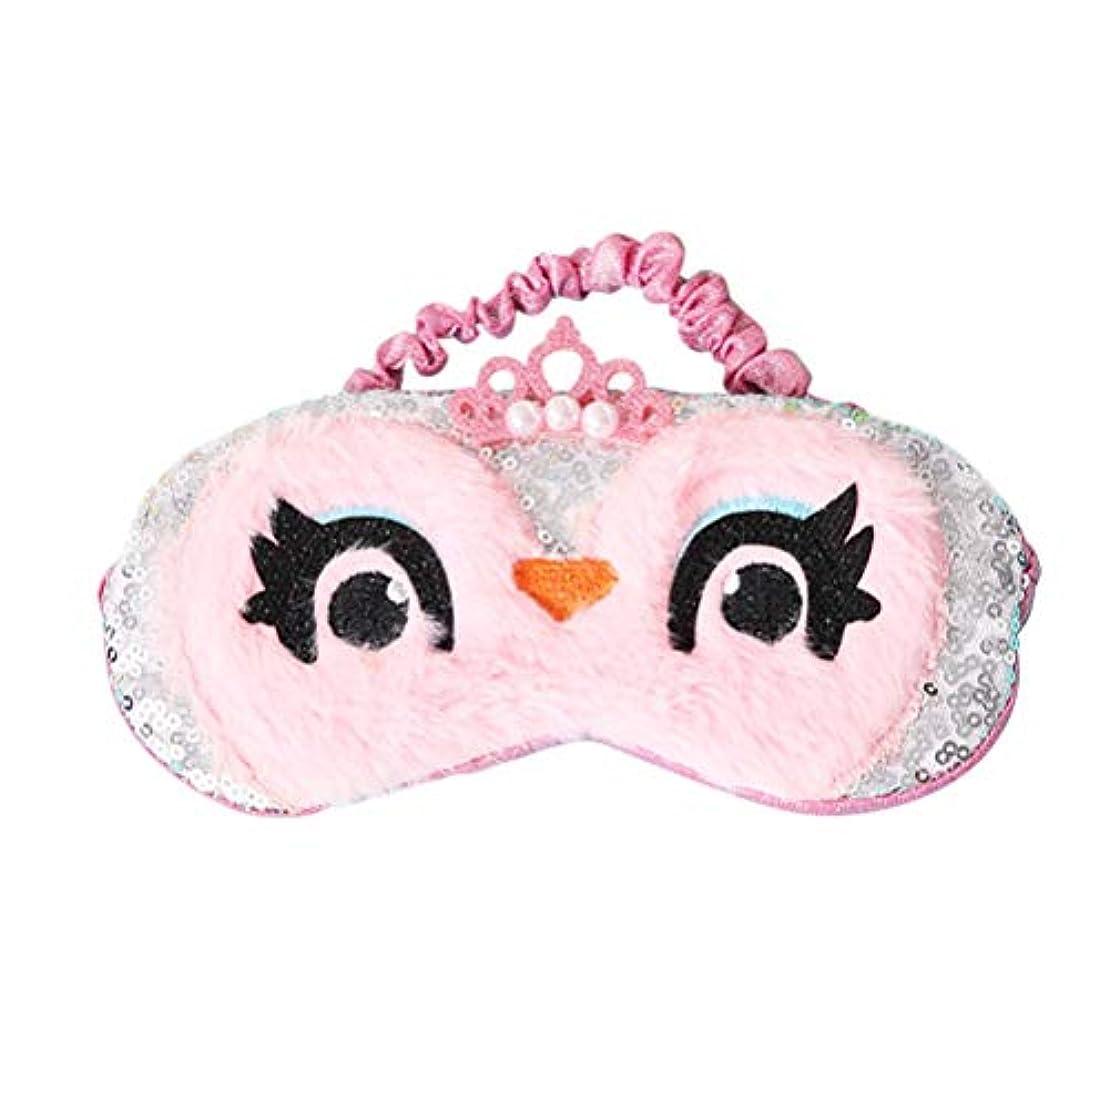 寛大さ大聖堂準備ができてHealifty アイマスクかわいいぬいぐるみ目隠しアイカバー用女性女の子子供ホームベッド旅行フライトカーキャンプ用(ピンク)